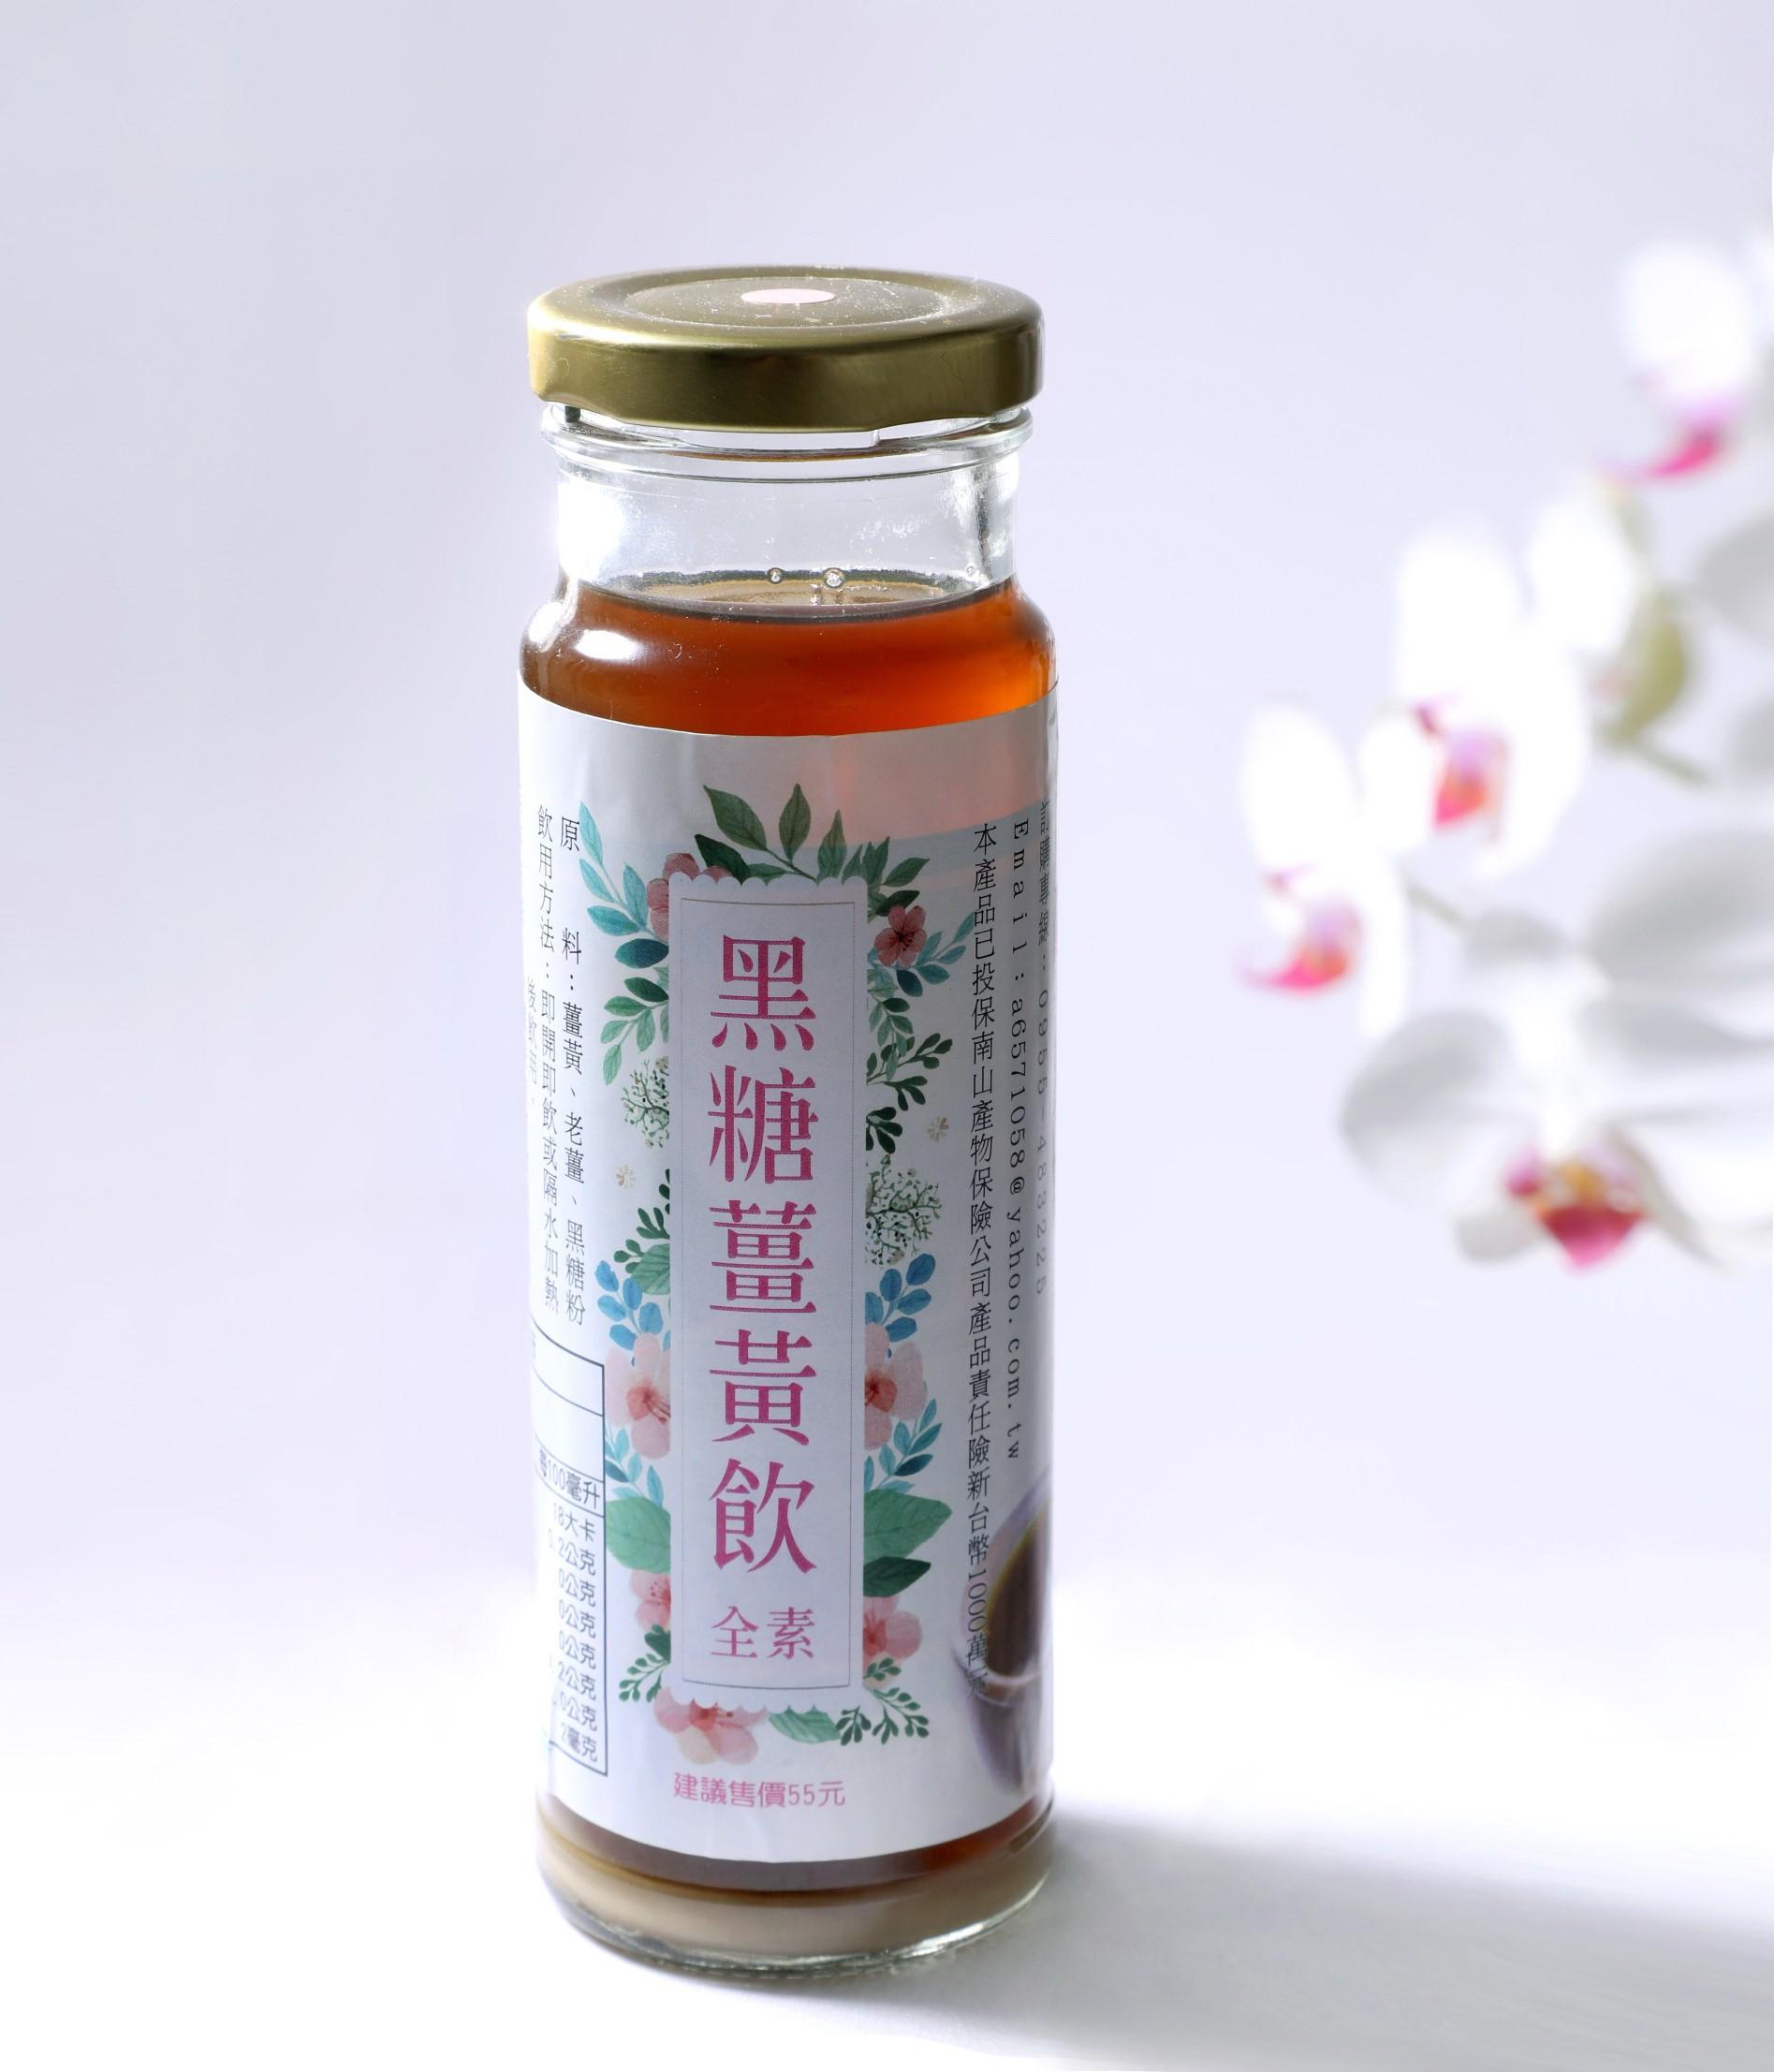 【士官長料理】黑糖薑黃飲 六瓶裝